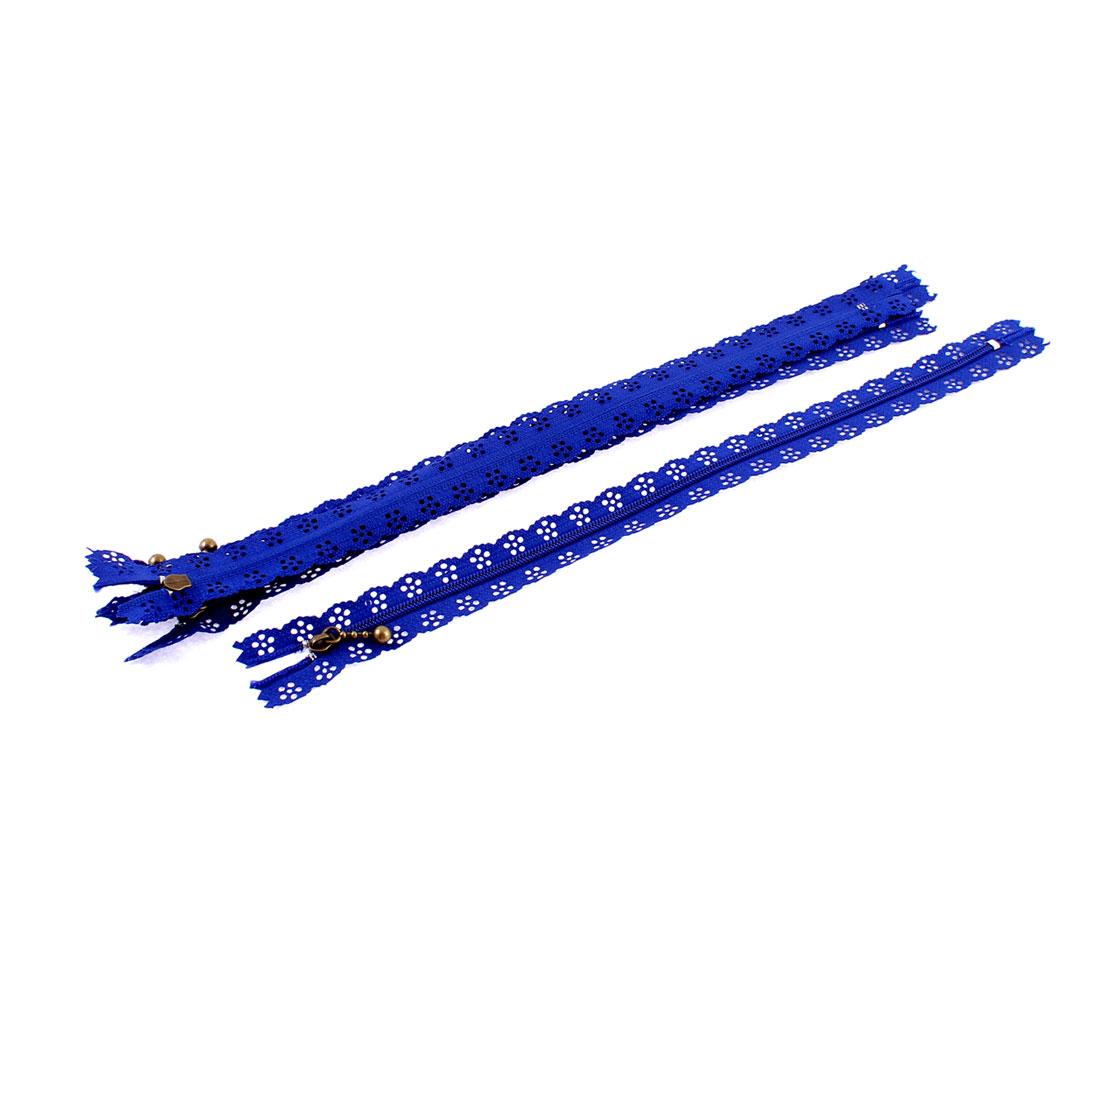 5 Pcs Blue Lace Edged Zip Closed End Zipper 12-inch Long